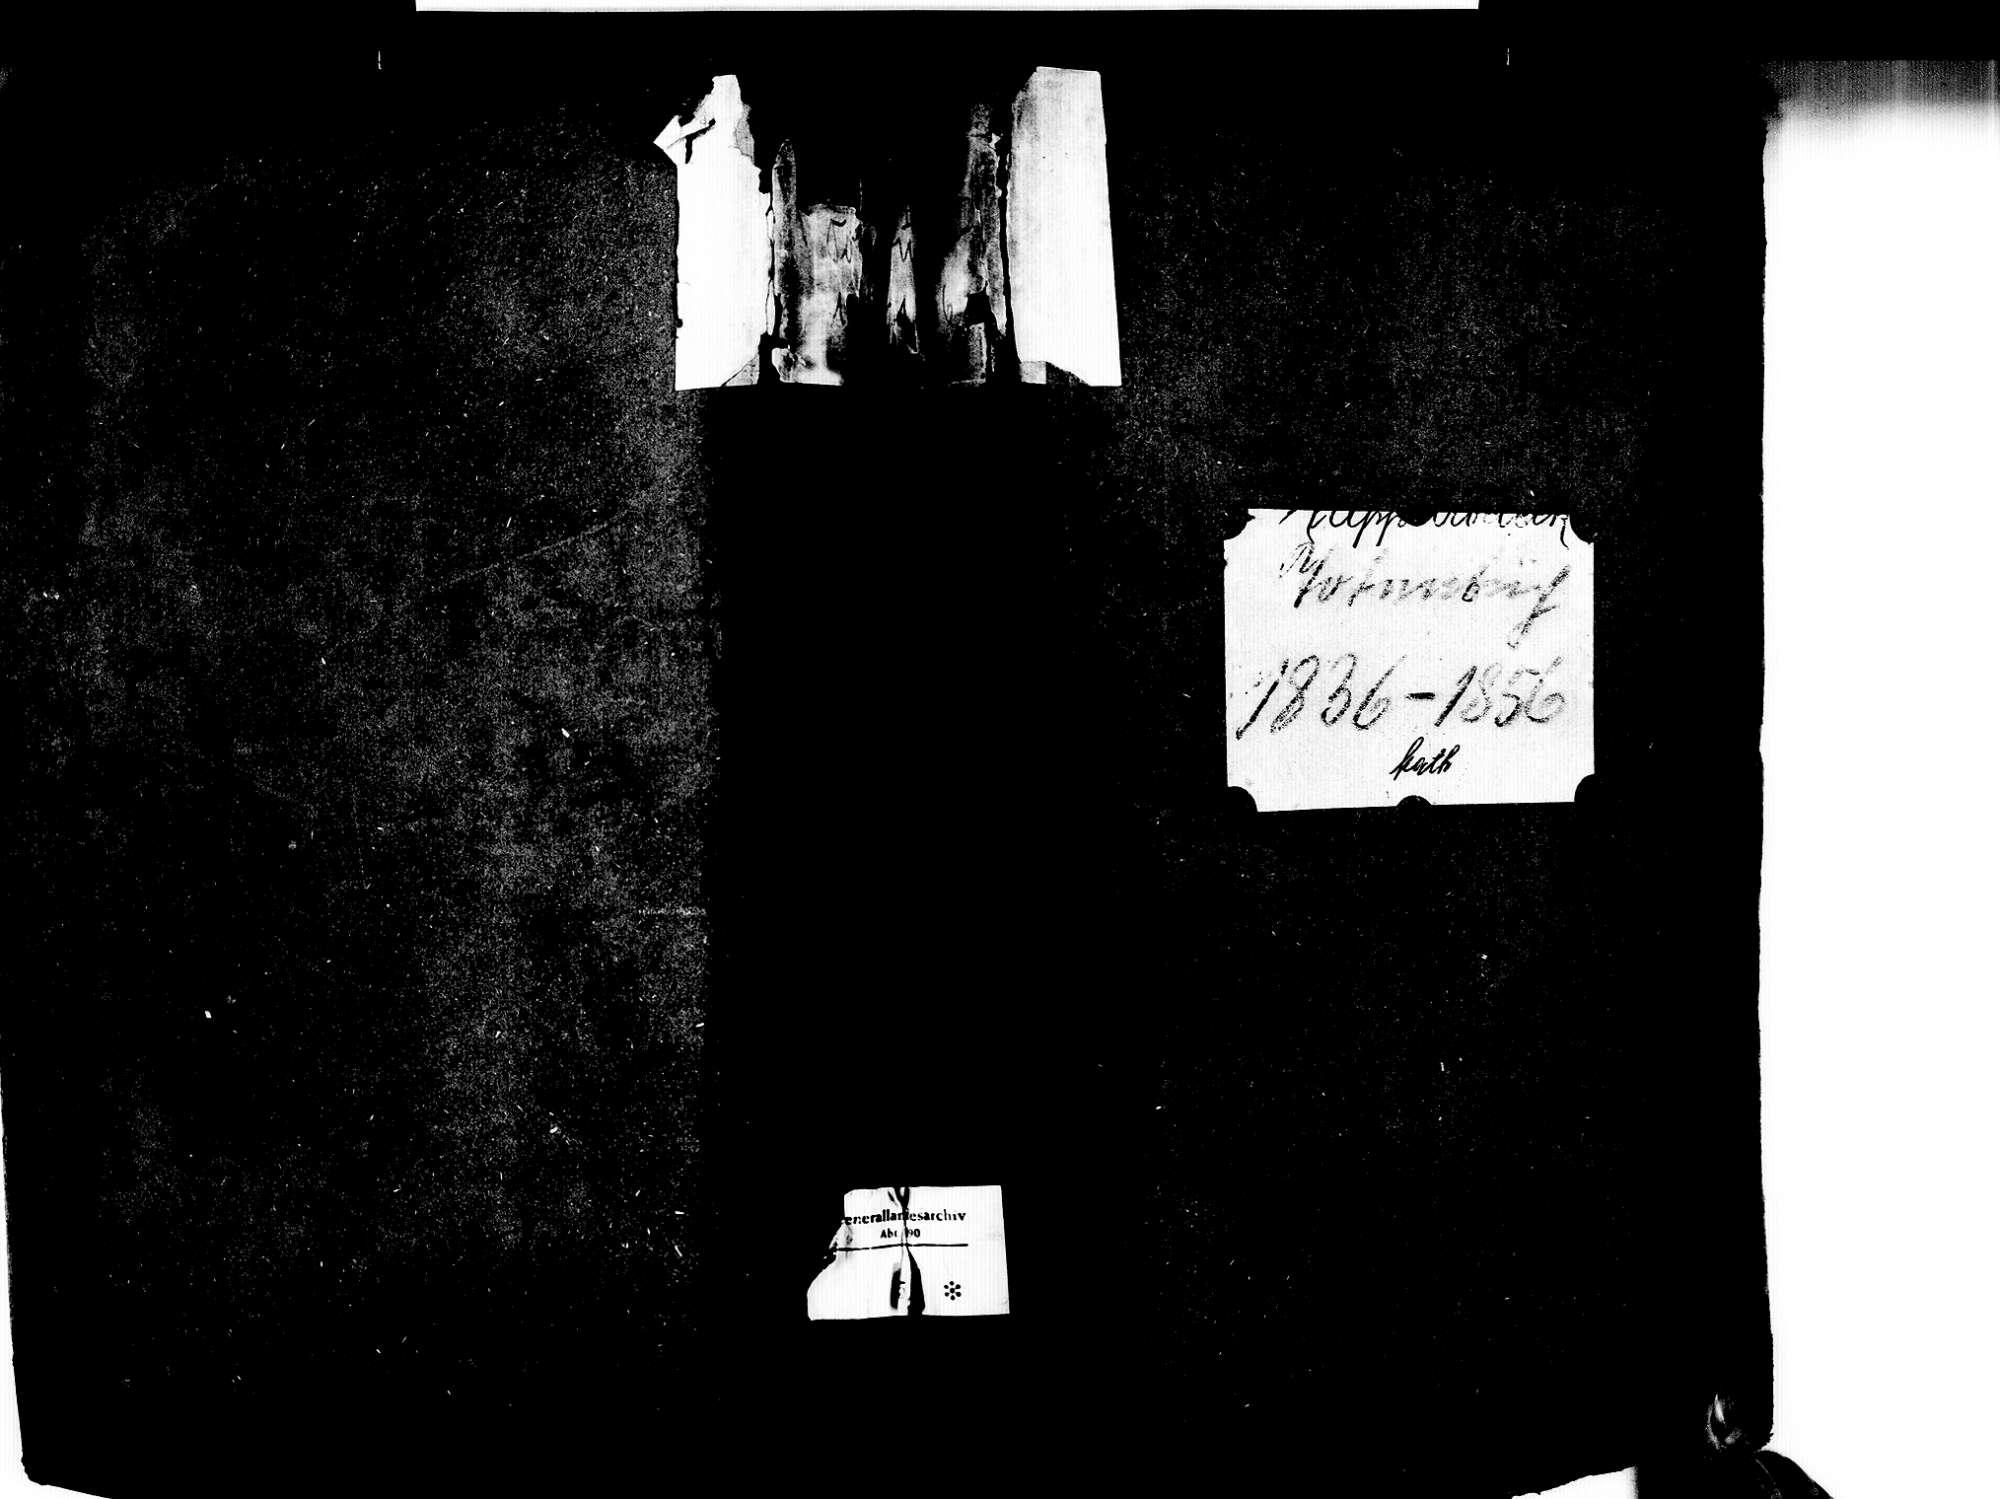 Kappelrodeck OG; Katholische Gemeinde: Sterbebuch 1836-1856, Bild 1